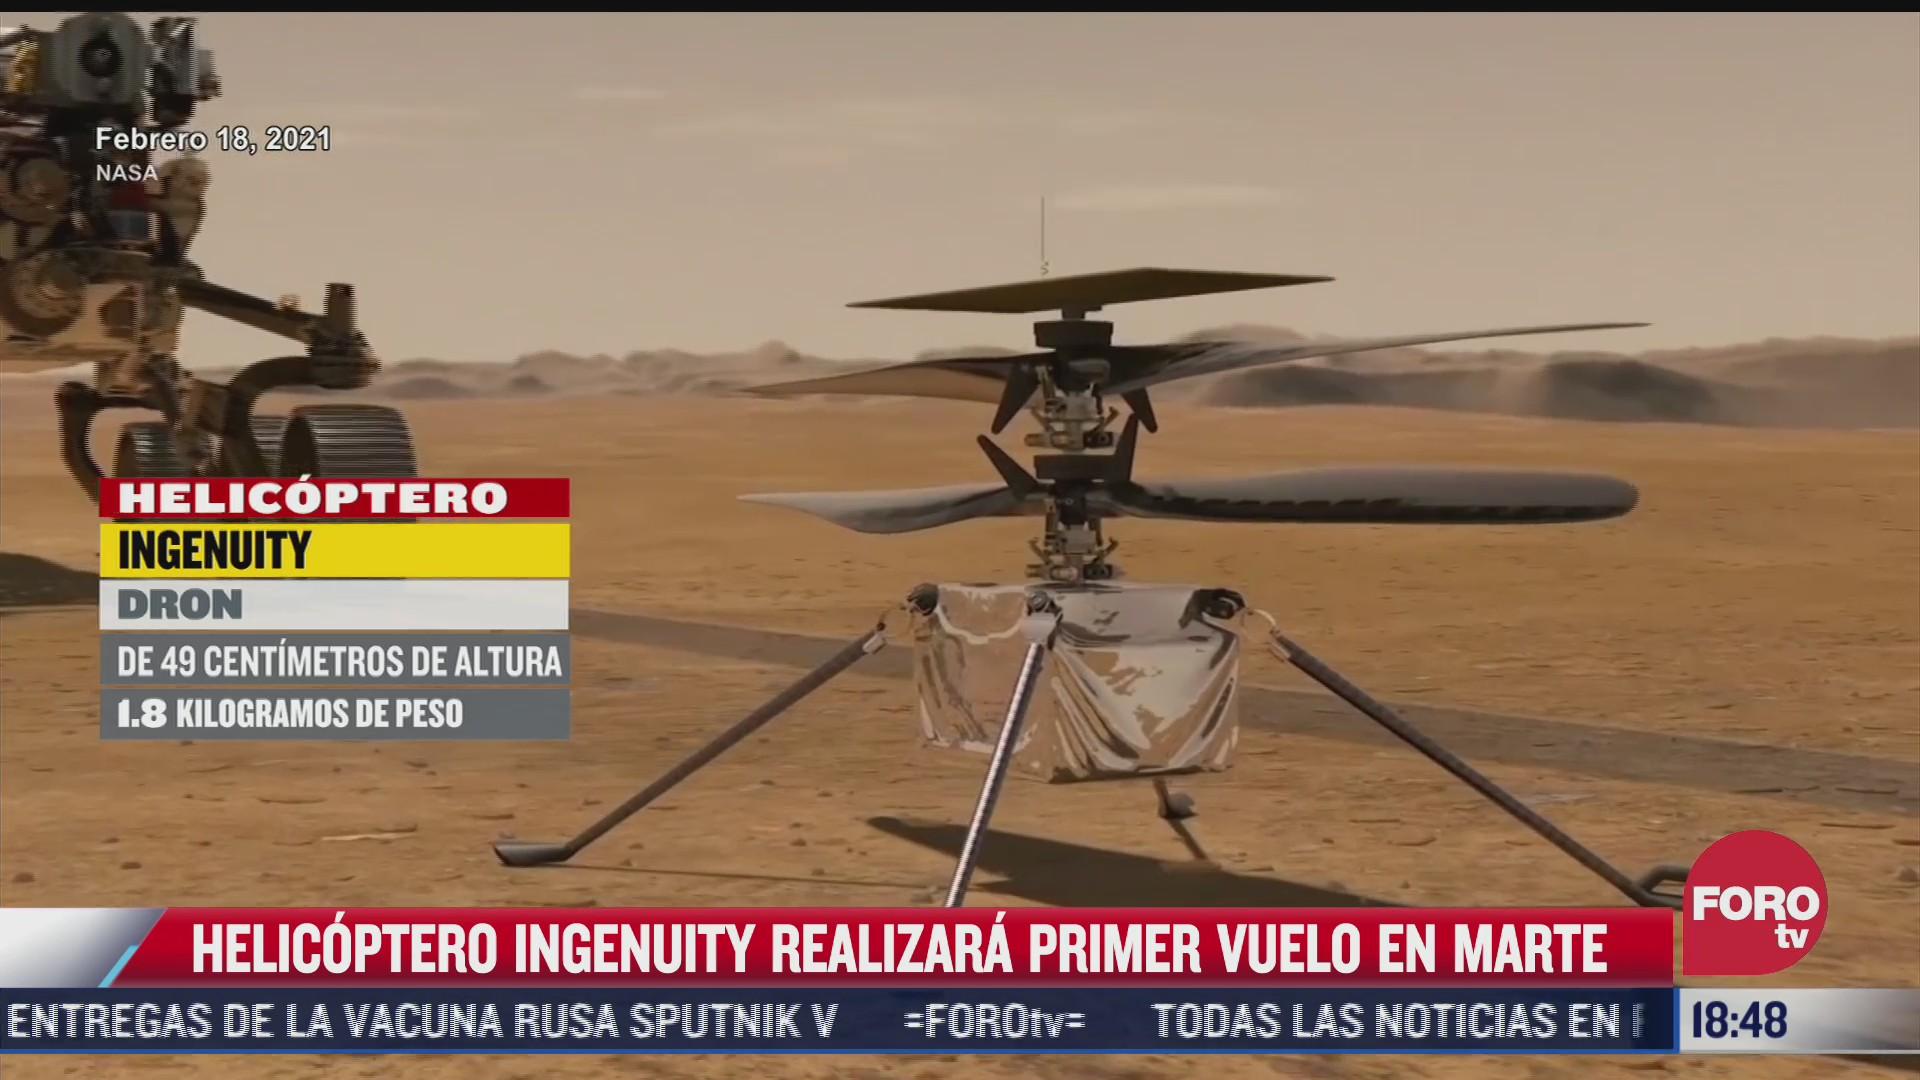 helicoptero ingenuity sera la primera aeronave en volar en el cielo de marte